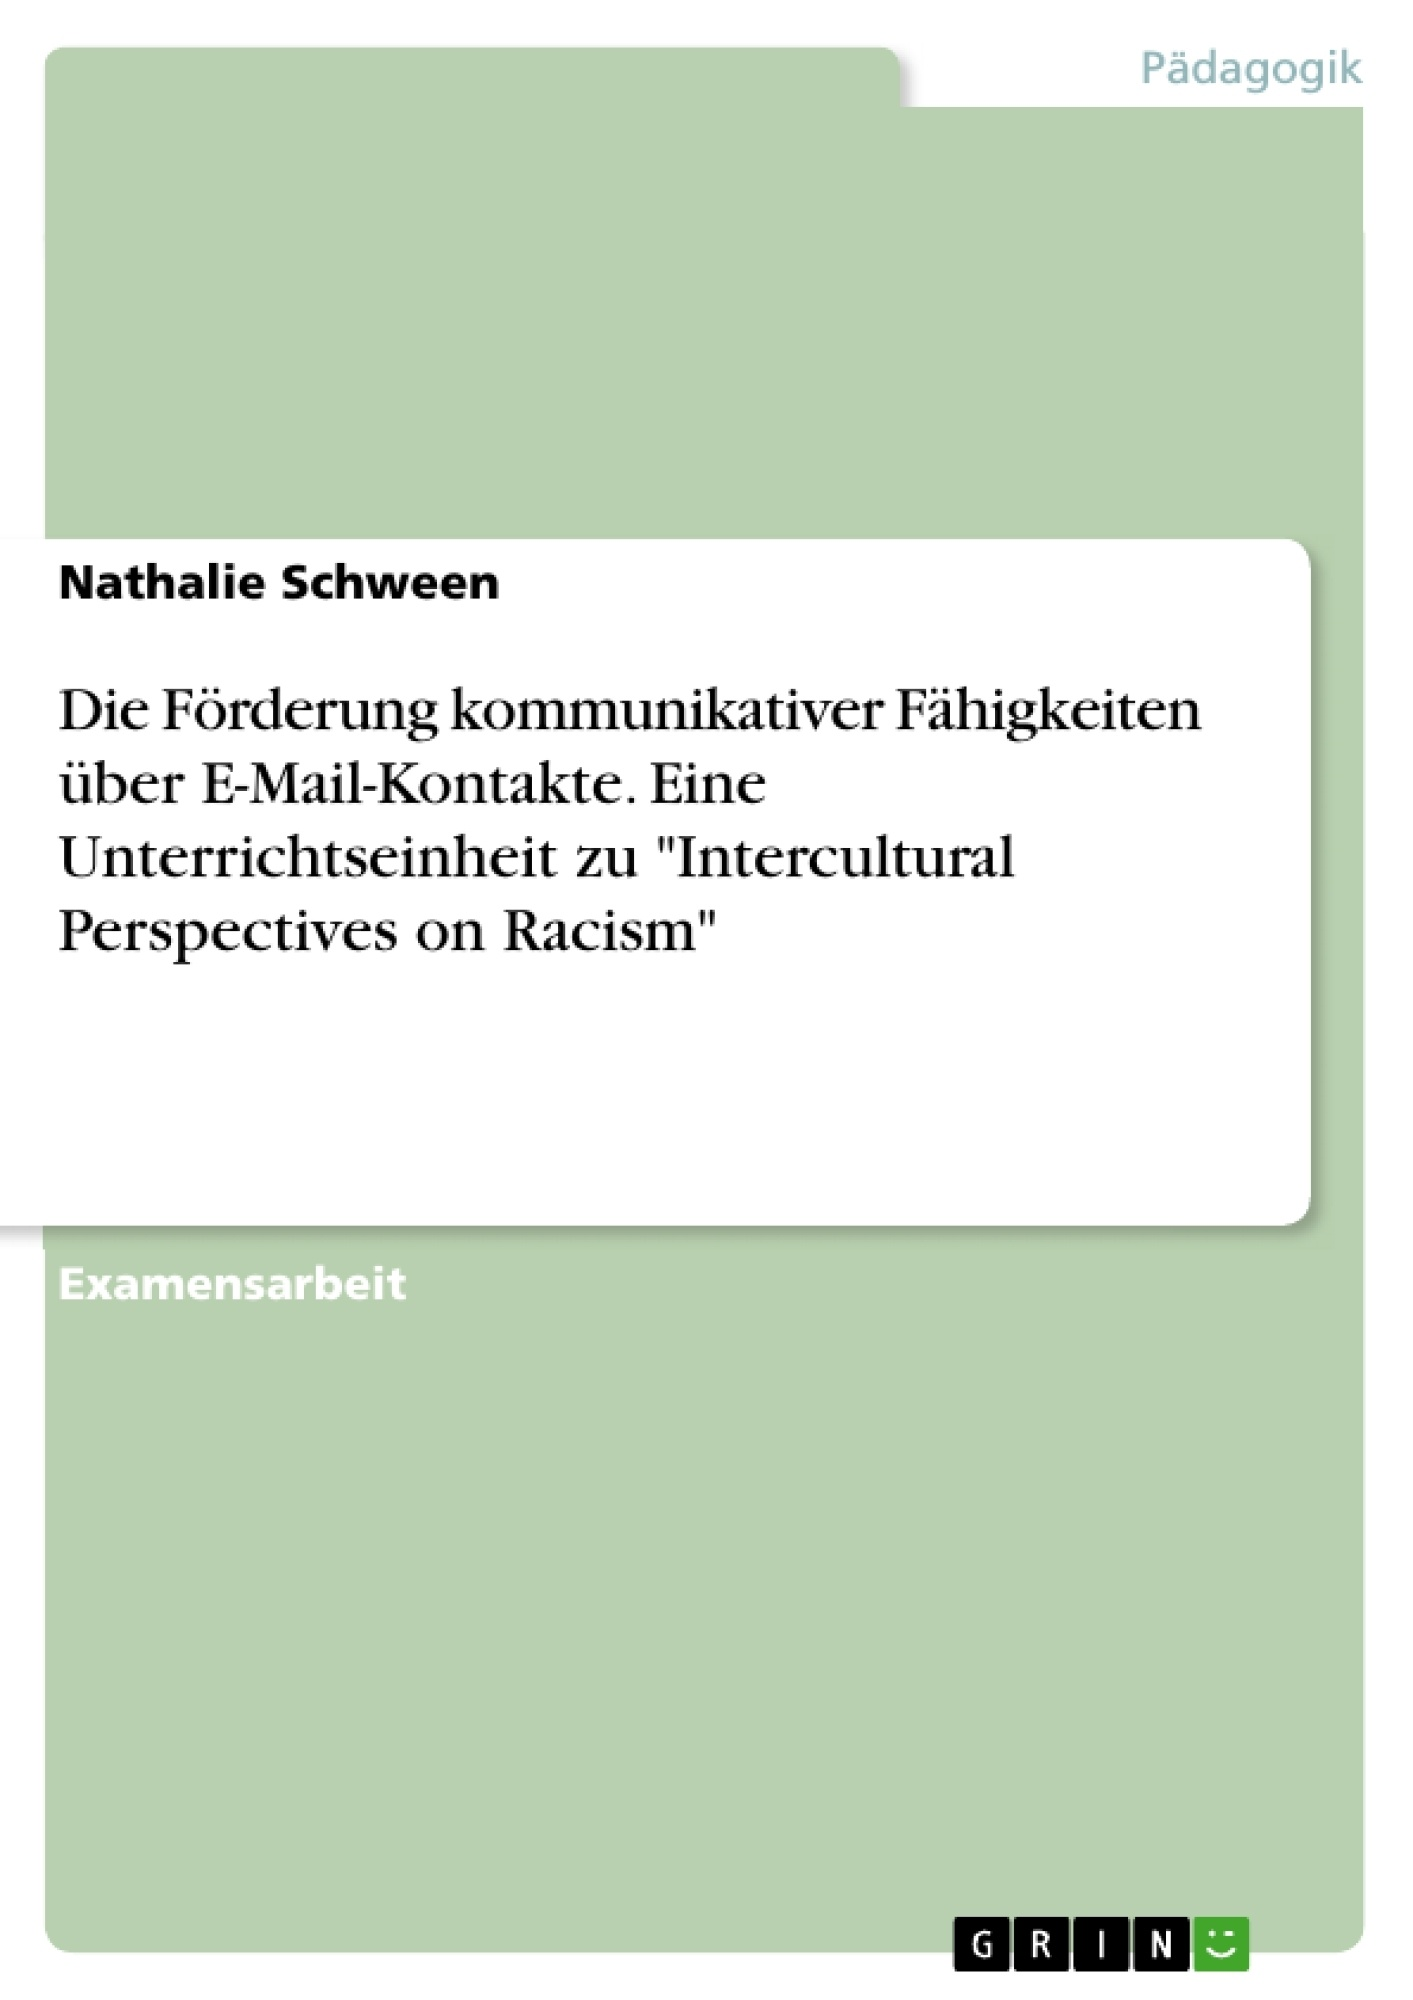 """Titel: Die Förderung kommunikativer Fähigkeiten über E-Mail-Kontakte. Eine Unterrichtseinheit zu """"Intercultural Perspectives on Racism"""""""